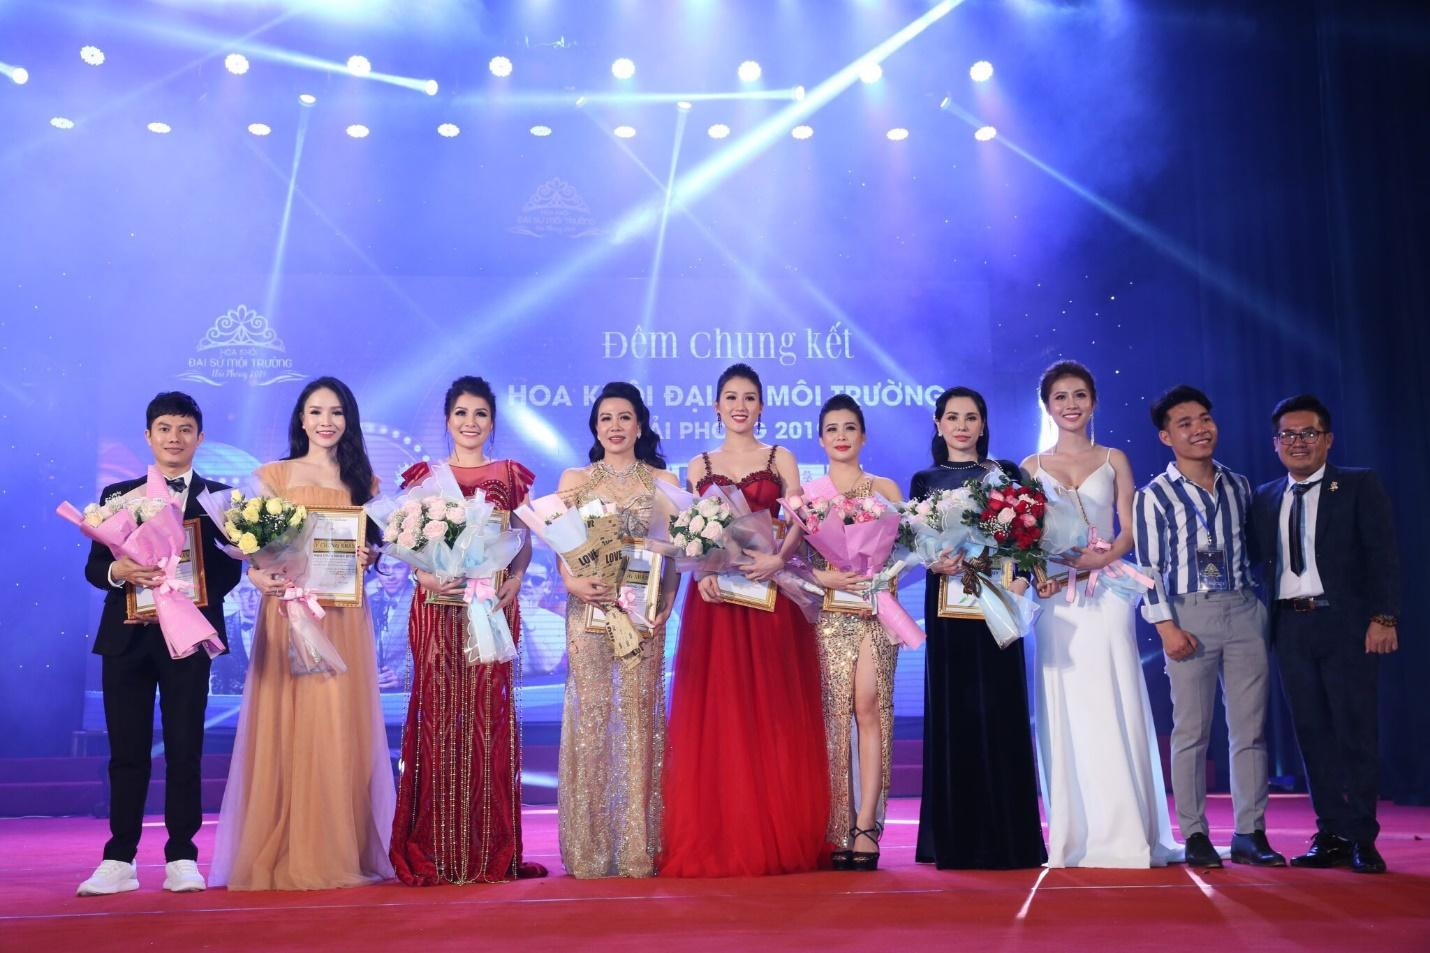 Hoa hậu doanh nhân Đàm Hương Thủy nổi bật khi ngồi ghế giám khảo Hoa khôi Đại sứ môi trường Hải Phòng năm 2019  - Ảnh 3